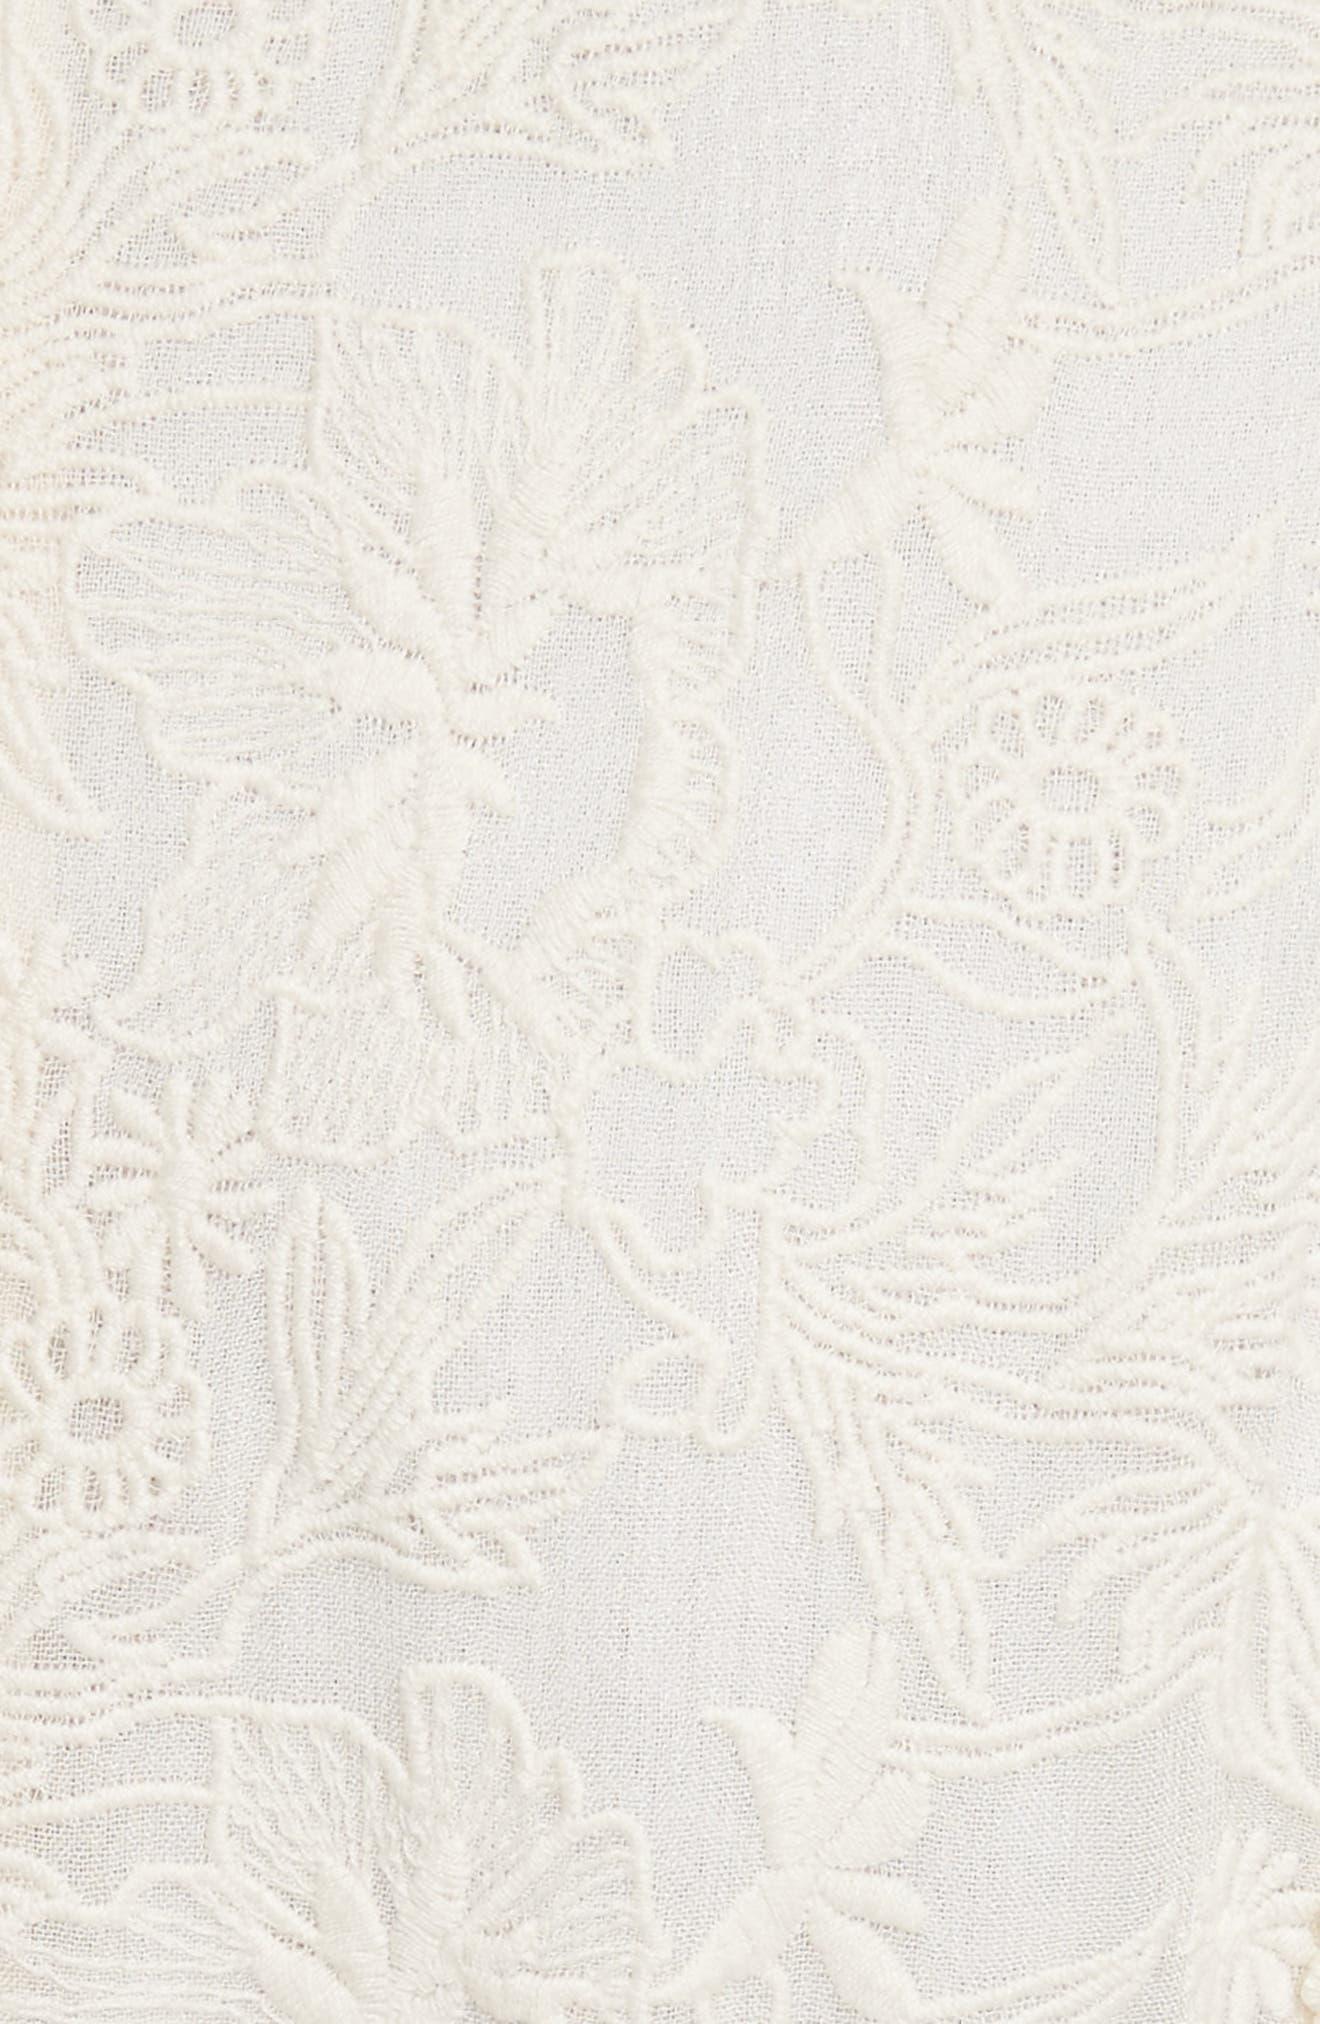 Enya Embroidered Cold Shoulder Dress,                             Alternate thumbnail 5, color,                             902